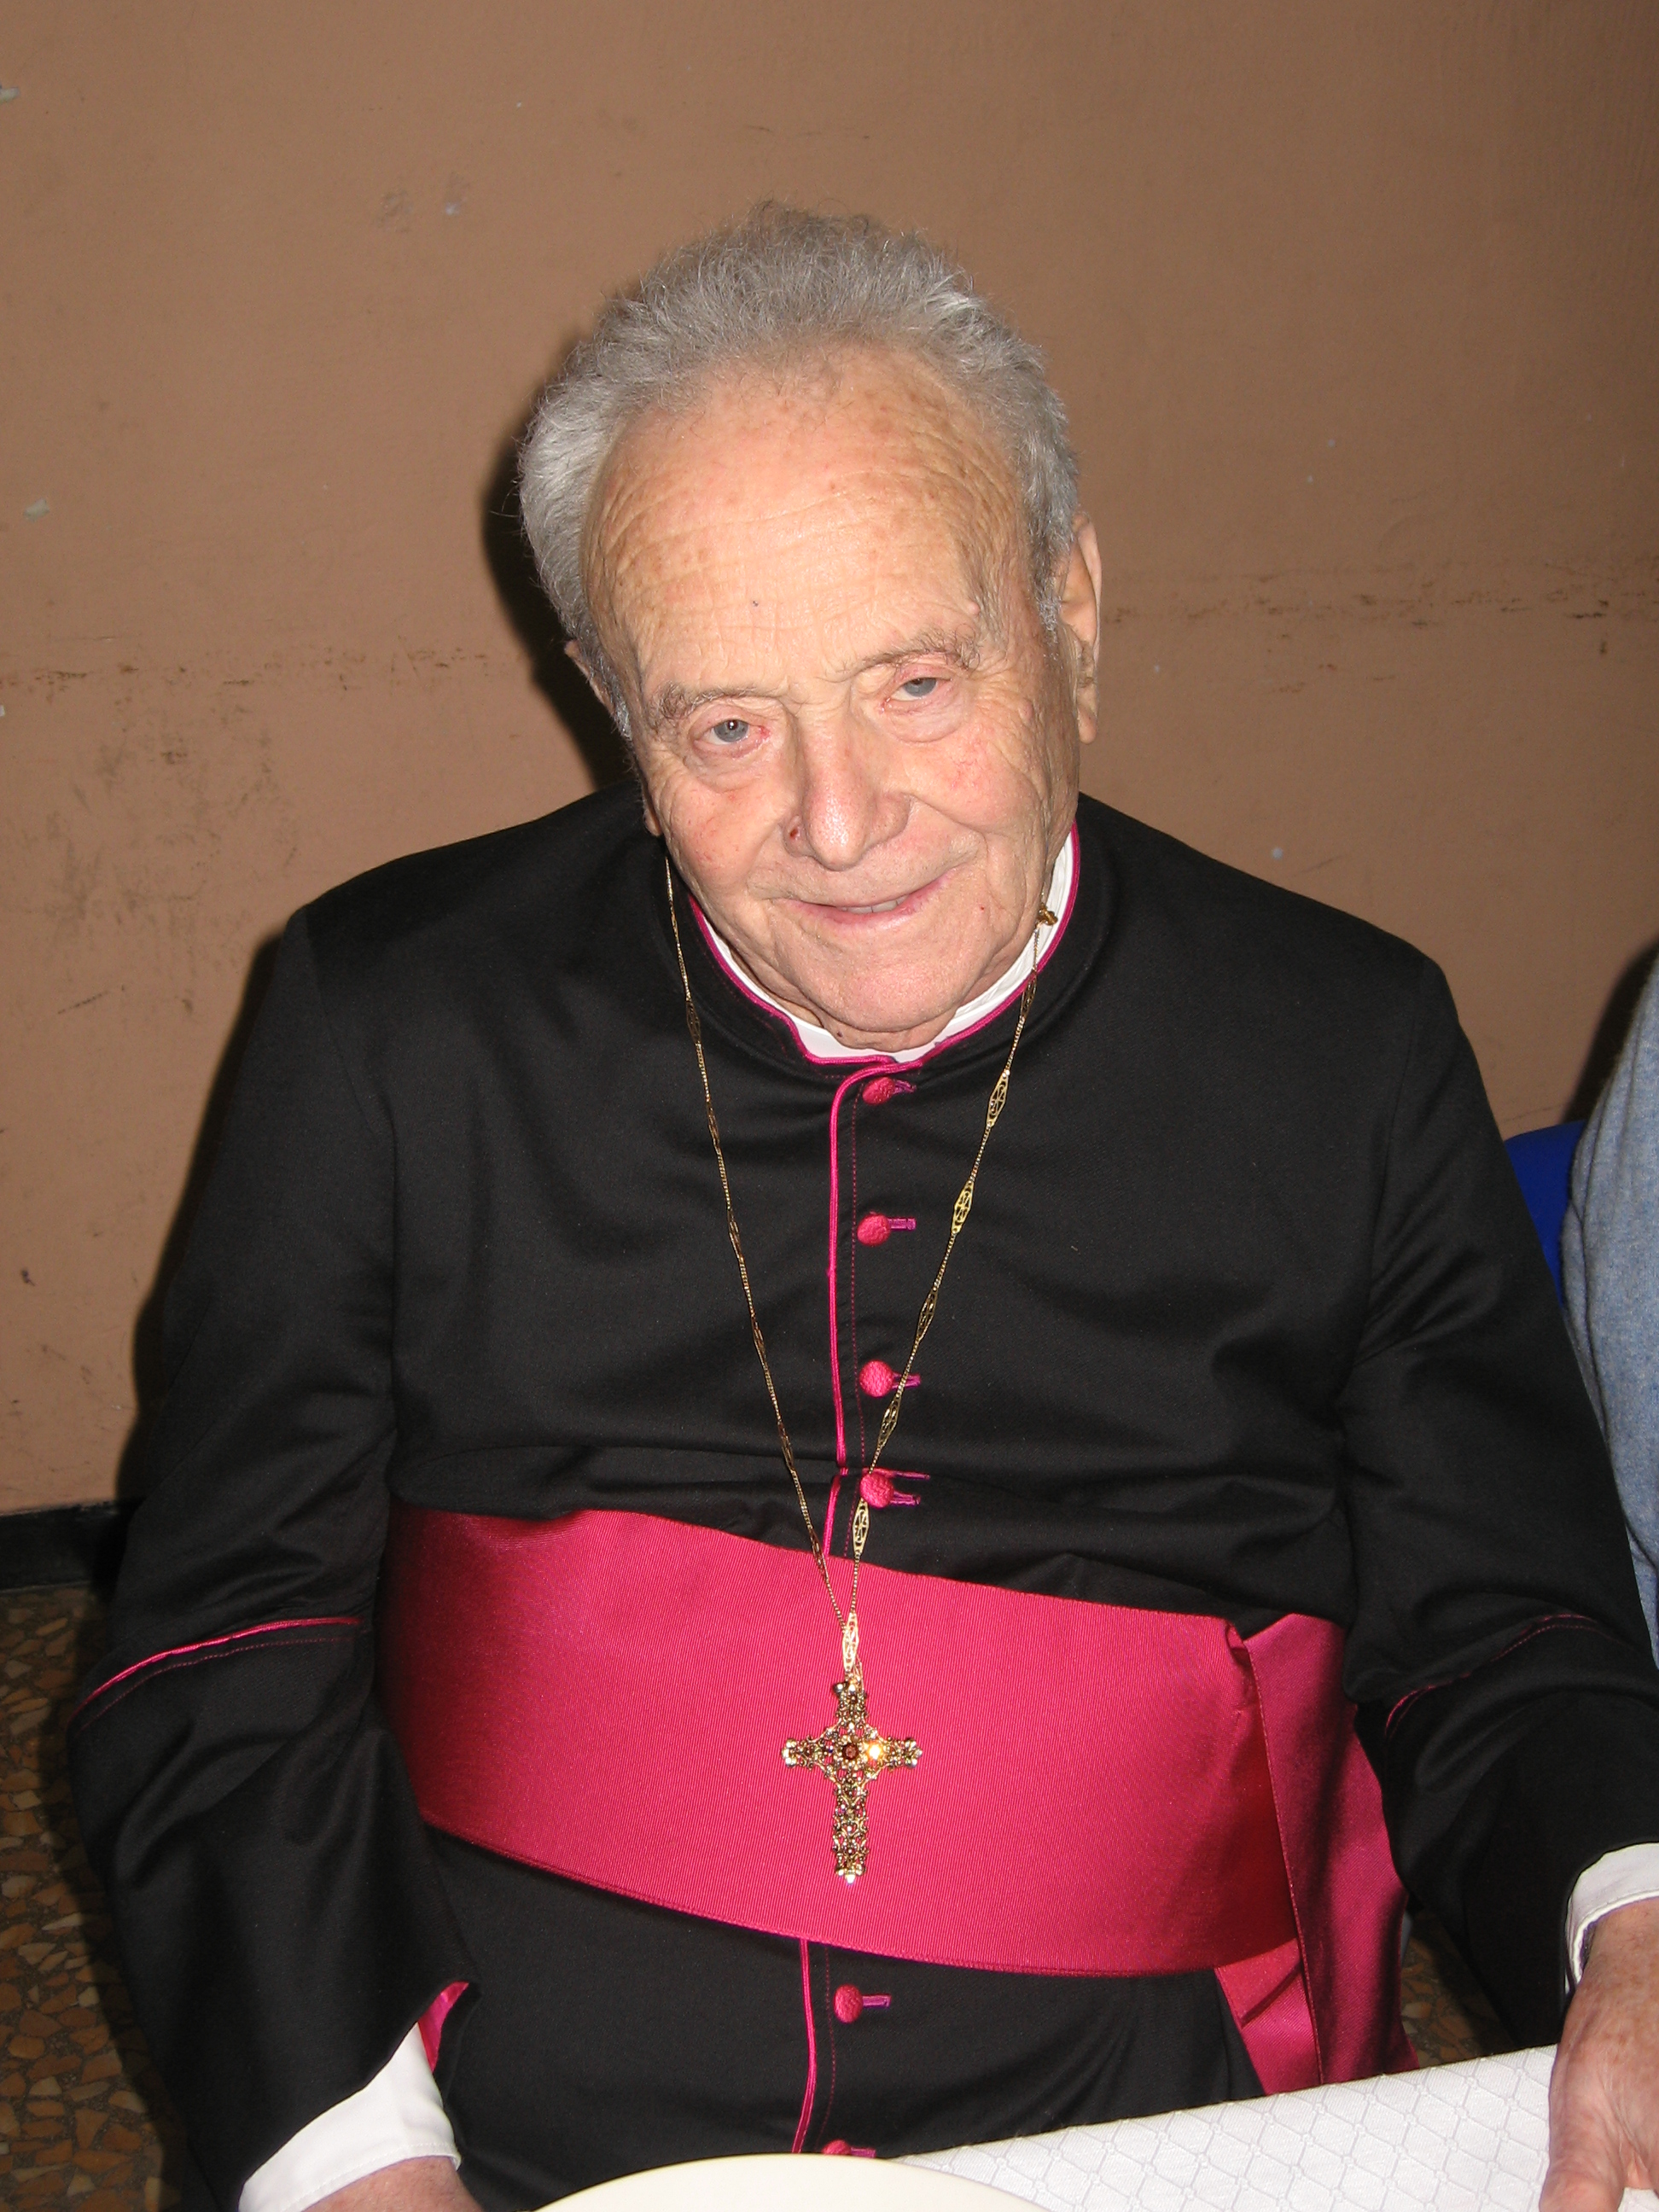 Don_Enrico_65mo_Lagaccio-2008-05-03--18.42.19.jpg